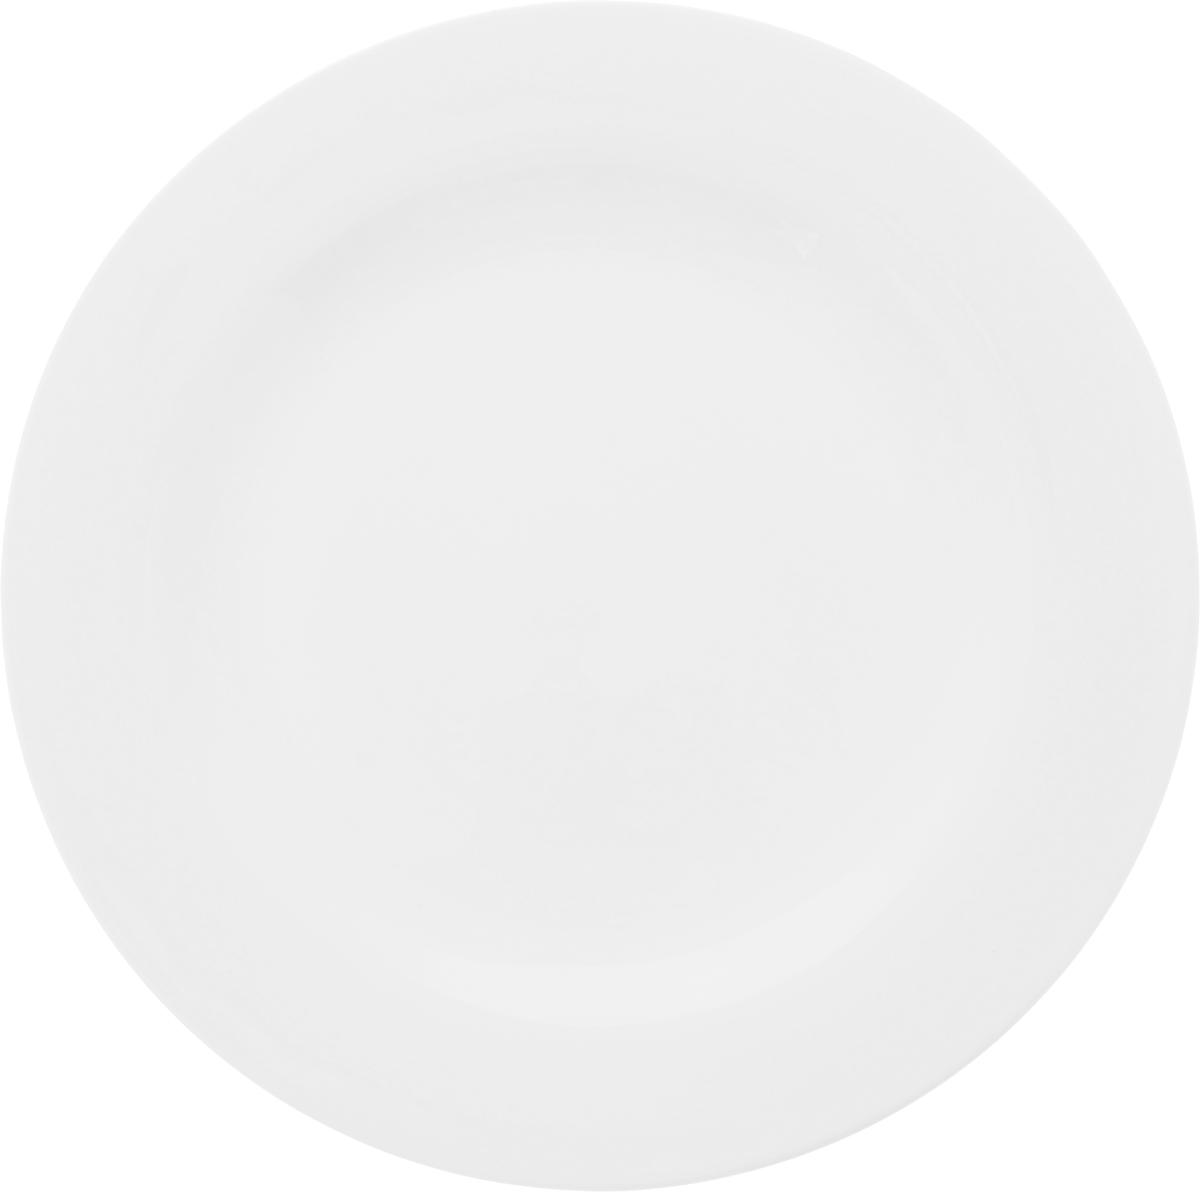 тарелка обеденная luminarc maritsa purple 26 см Тарелка обеденная Luminarc Evolution Peps, диаметр 25 см